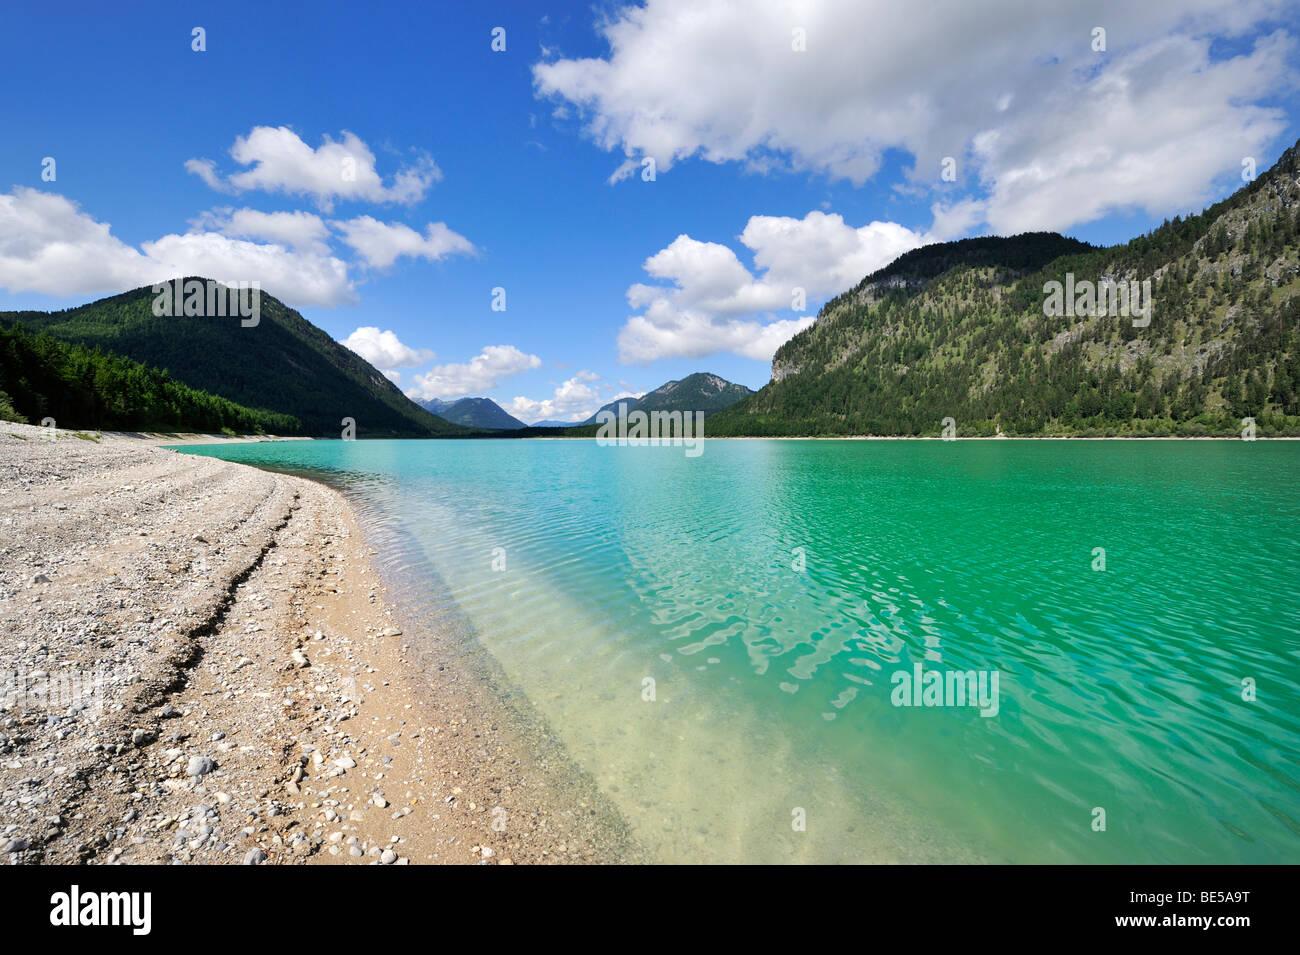 The Sylvensteinstausee reservoir or Sylvensteinsee lake in Isarwinkel, district of Bad Toelz-Wolfratshausen, Bavaria, Stock Photo